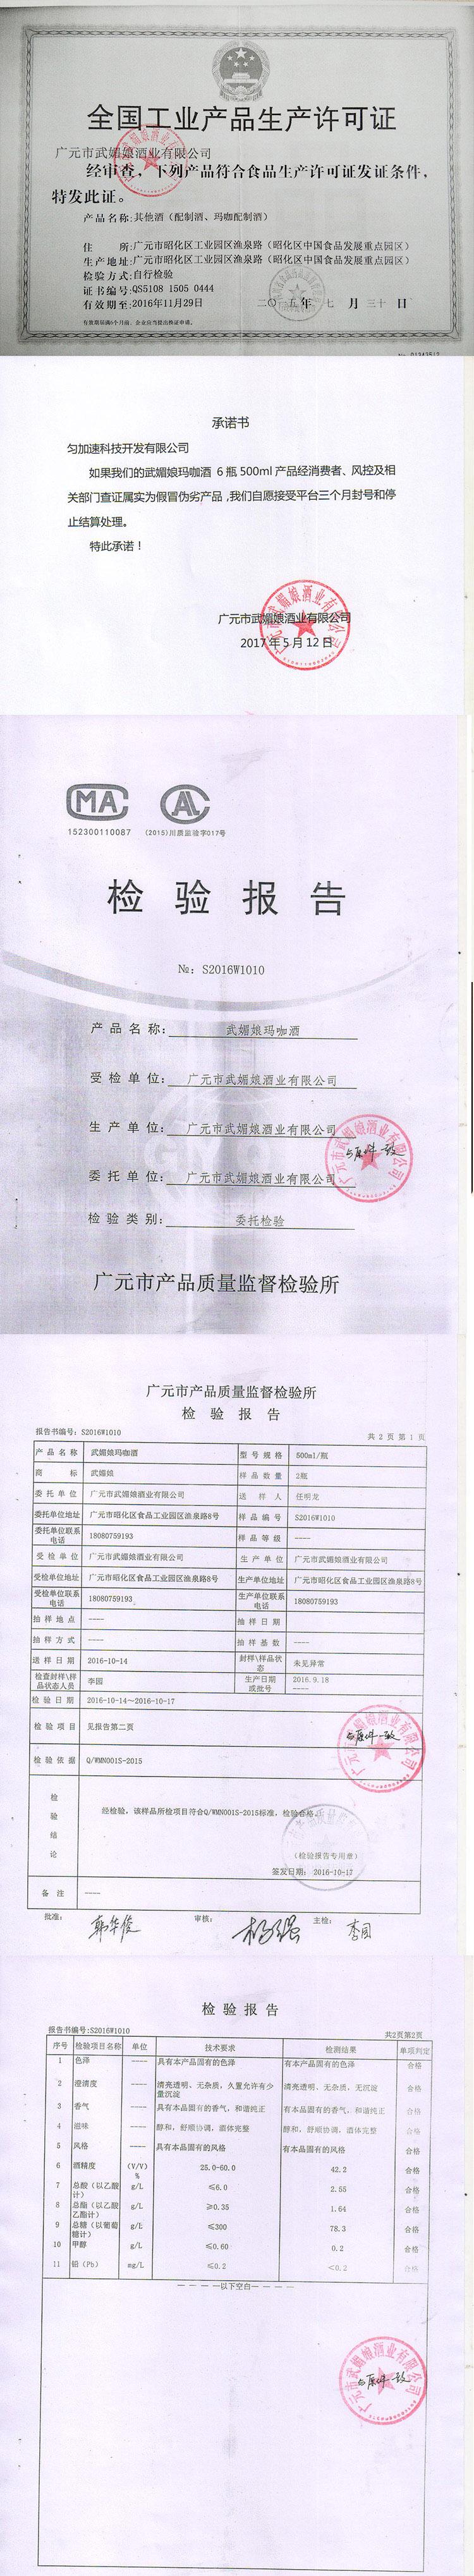 检验报告及承诺书 玛咖酒的1.jpg